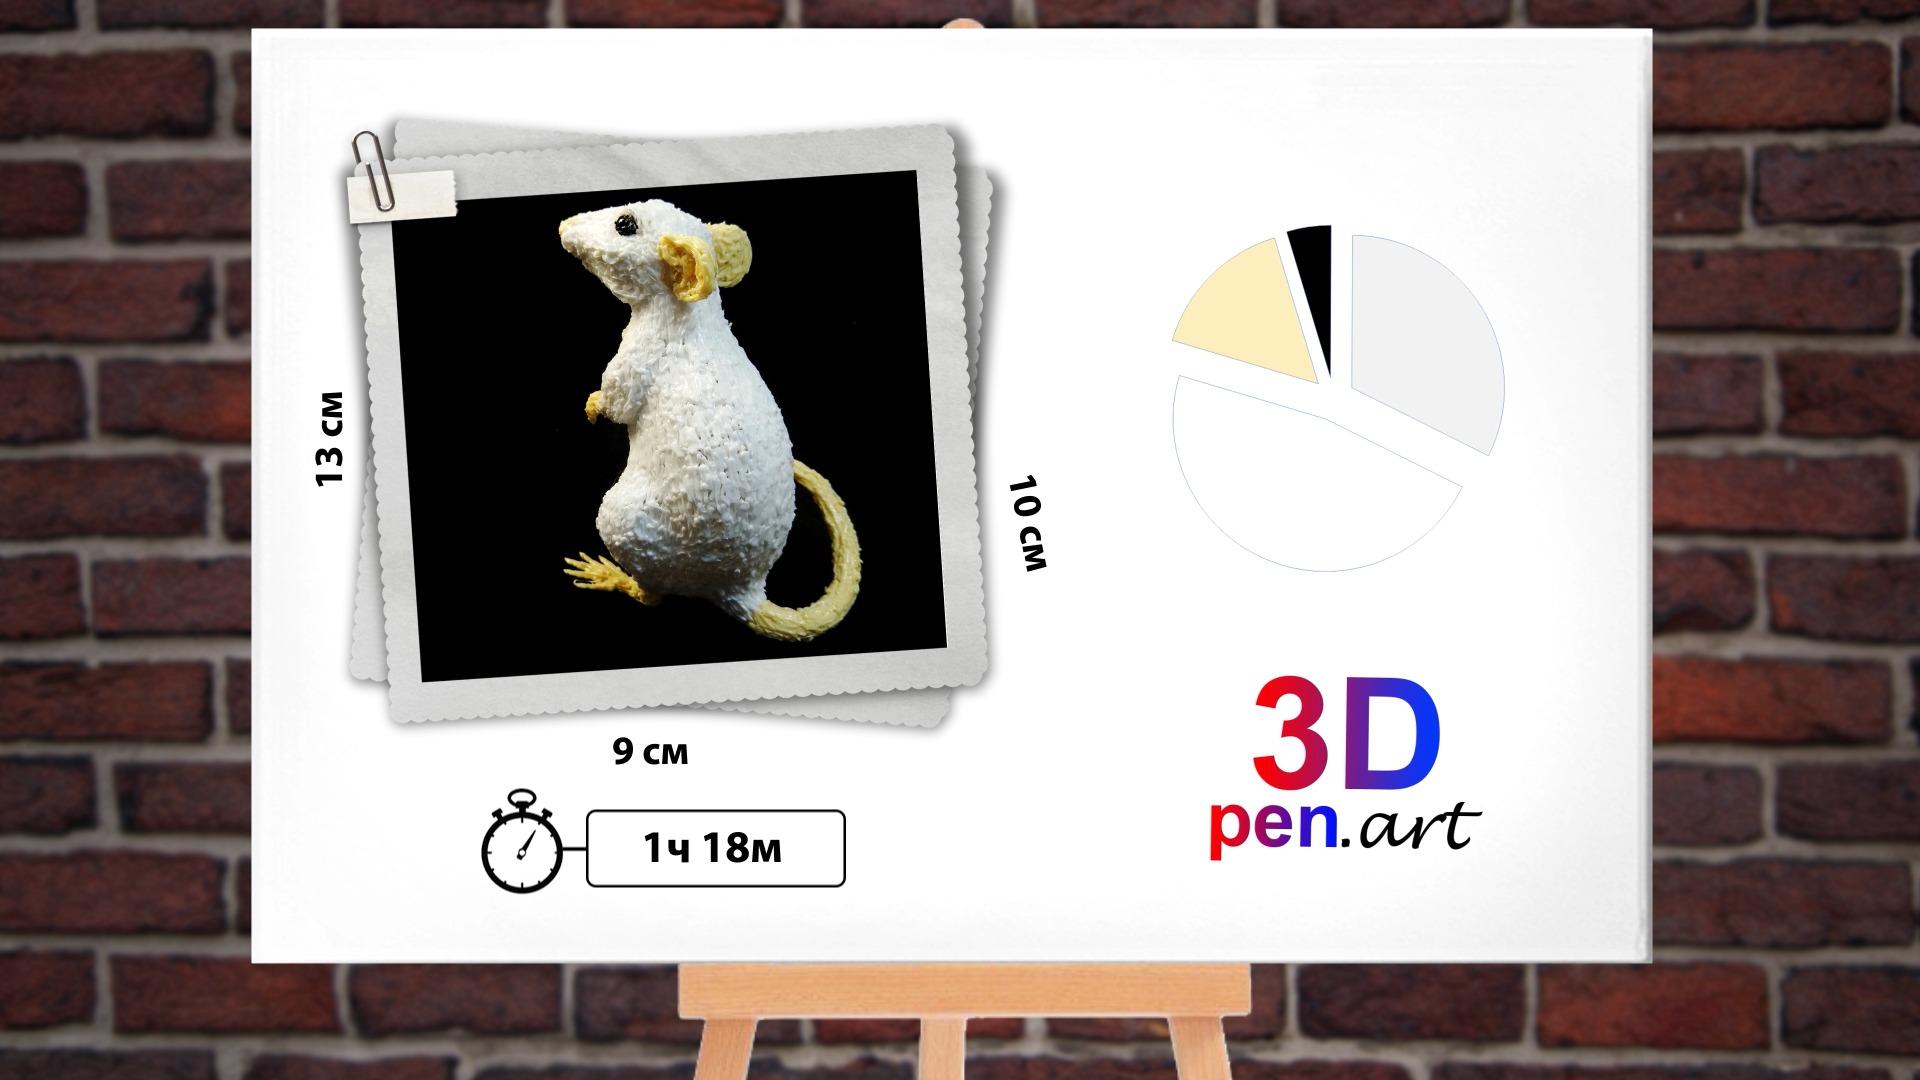 Крыса 3D ручкой. Инфографика